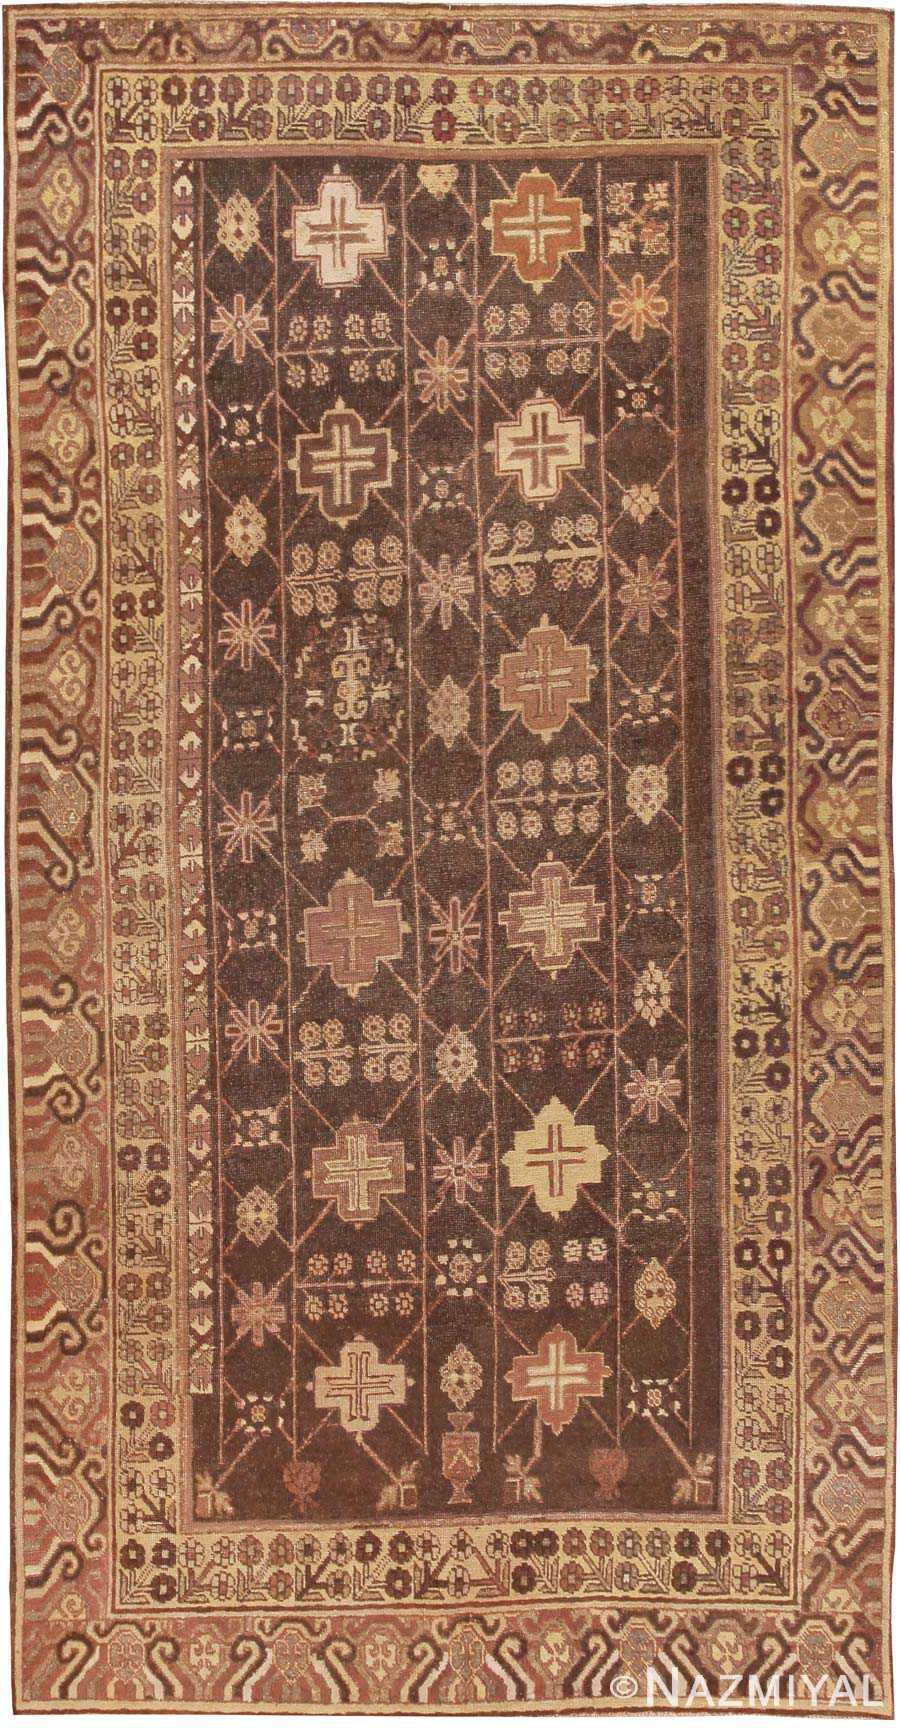 Antique Khotan Oriental Rug 44546 Nazmiyal